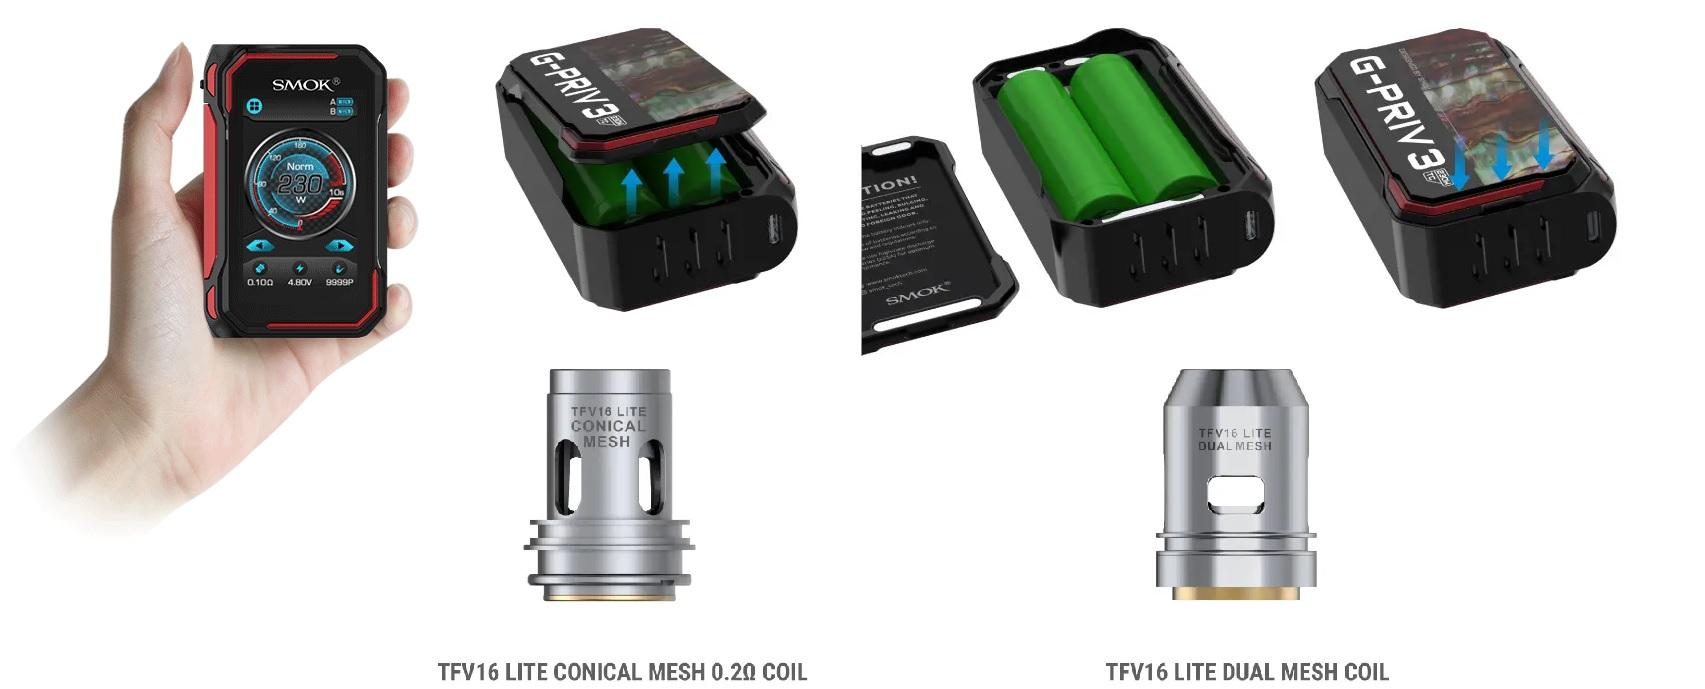 smoktech-g-priv-3-230w-tfv16-lite-baterie-18650